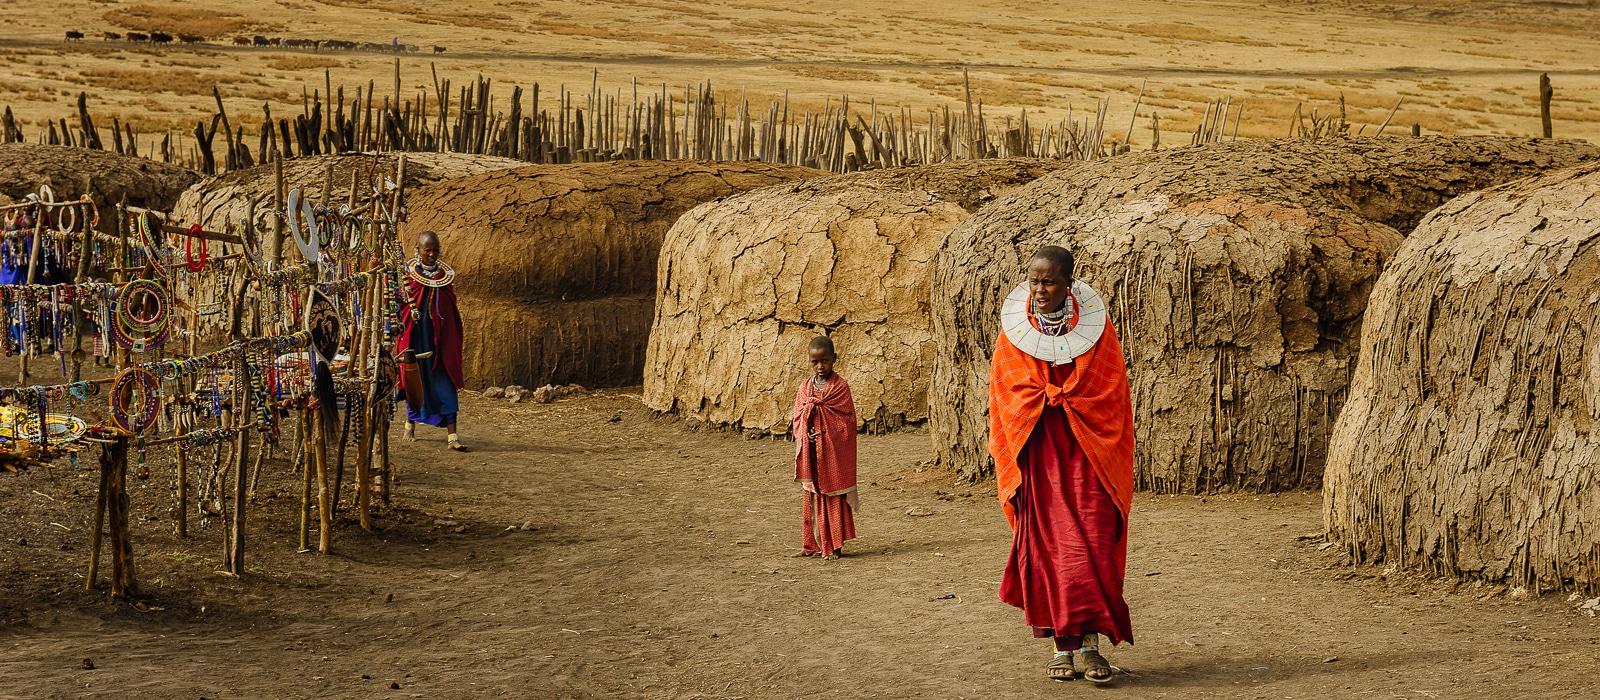 img-diapo-entete - Tanzanie-1600x700-20.jpg